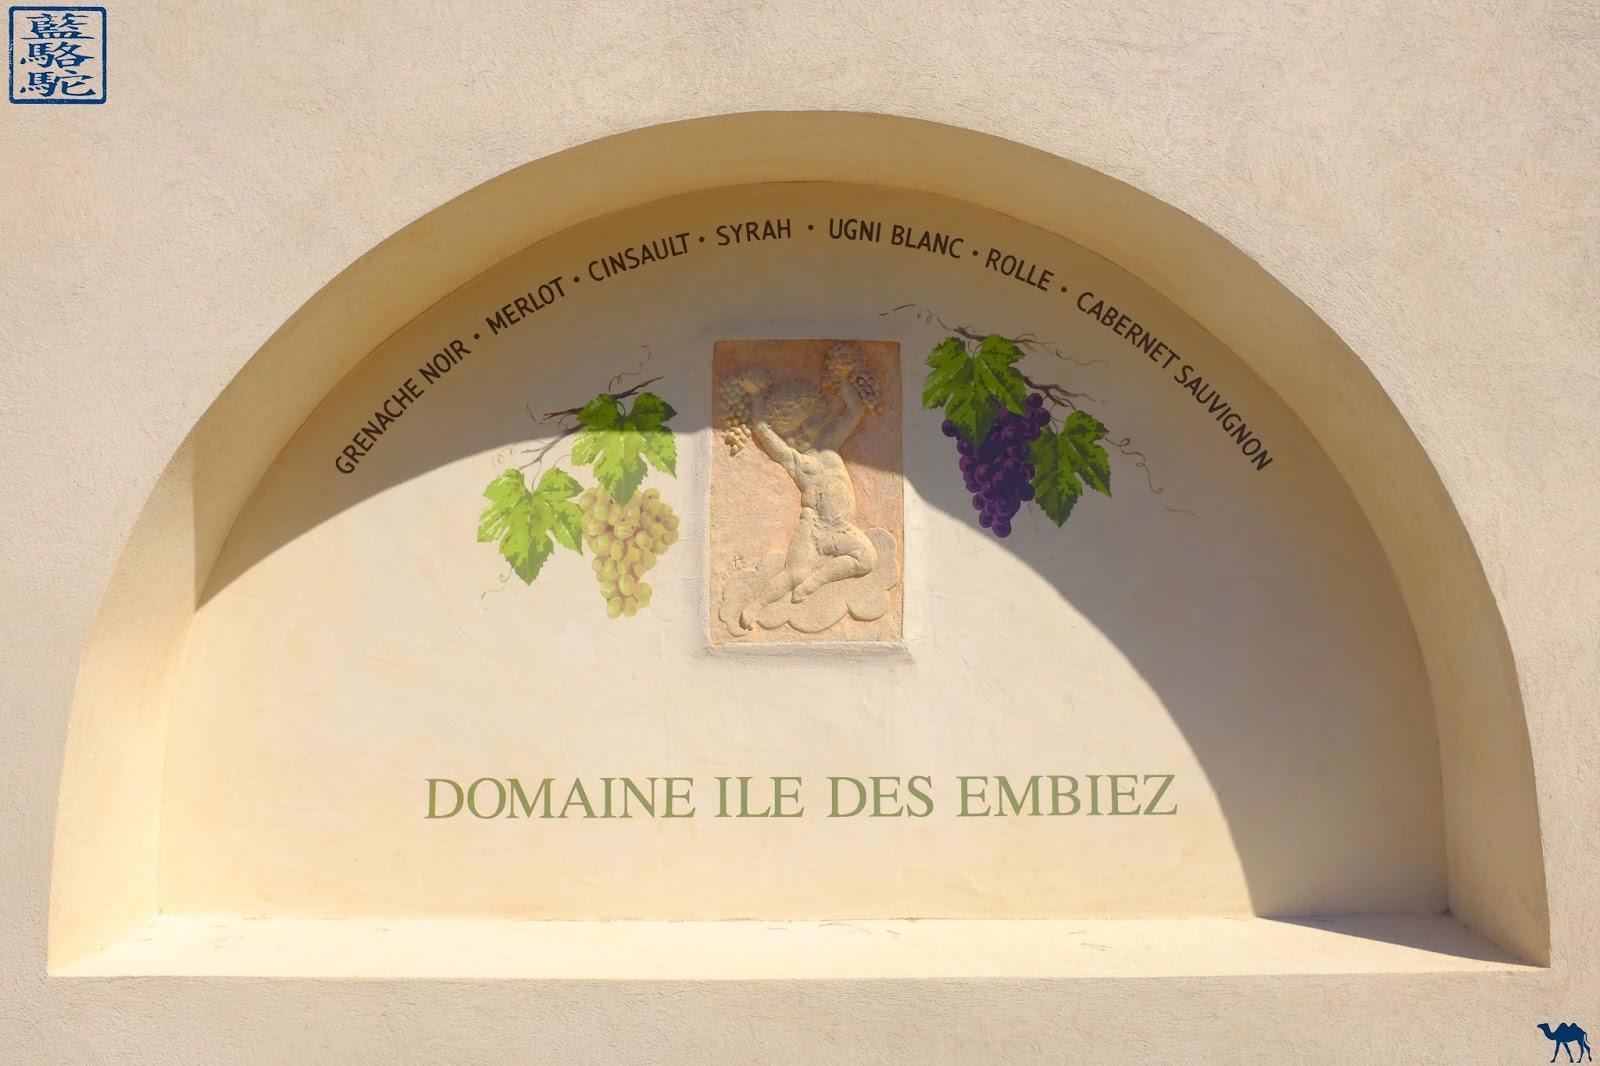 Le Chameau Bleu - Vignes de l'ile des Embiez - Var